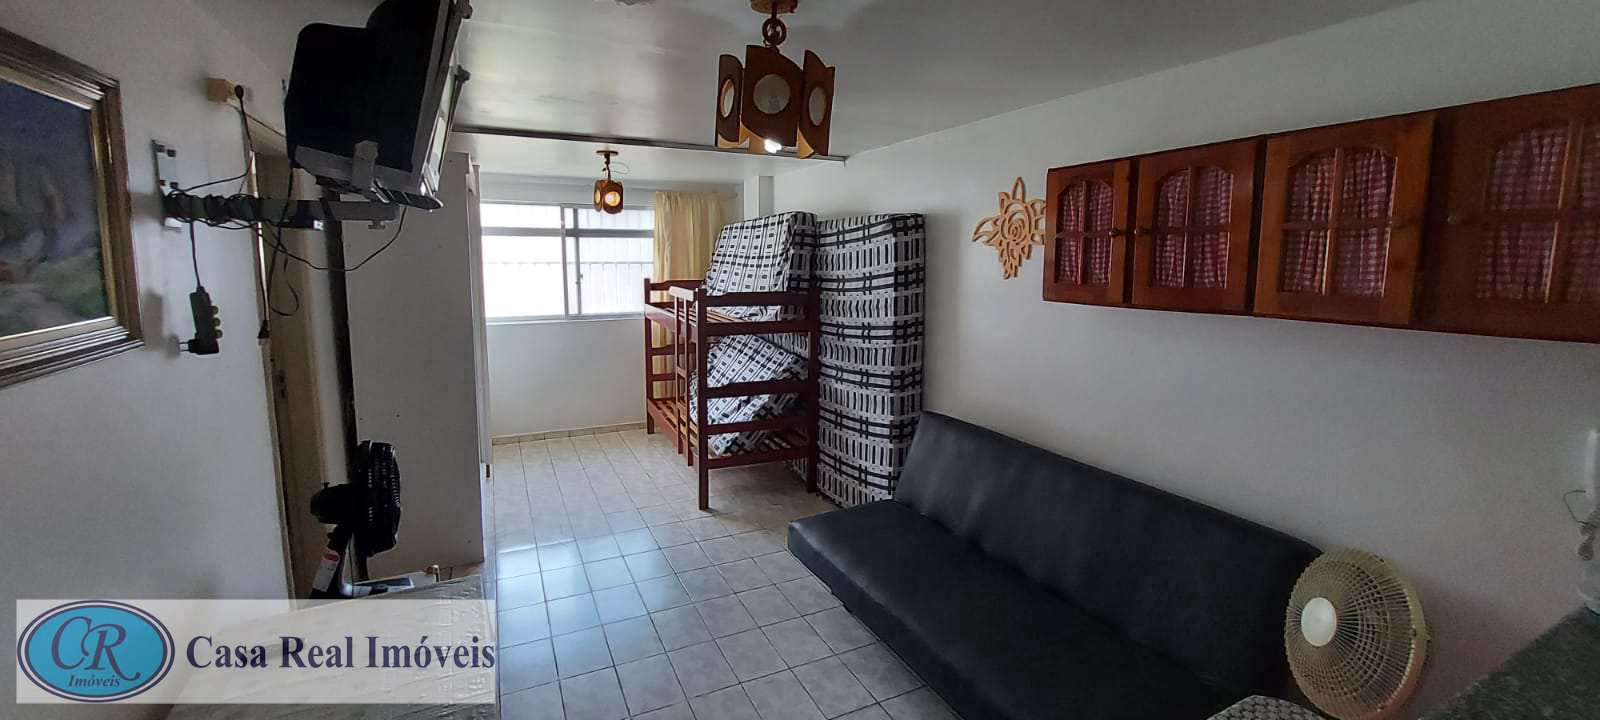 Kitnet com 1 dorm, Aviação, Praia Grande - R$ 110 mil, Cod: 742